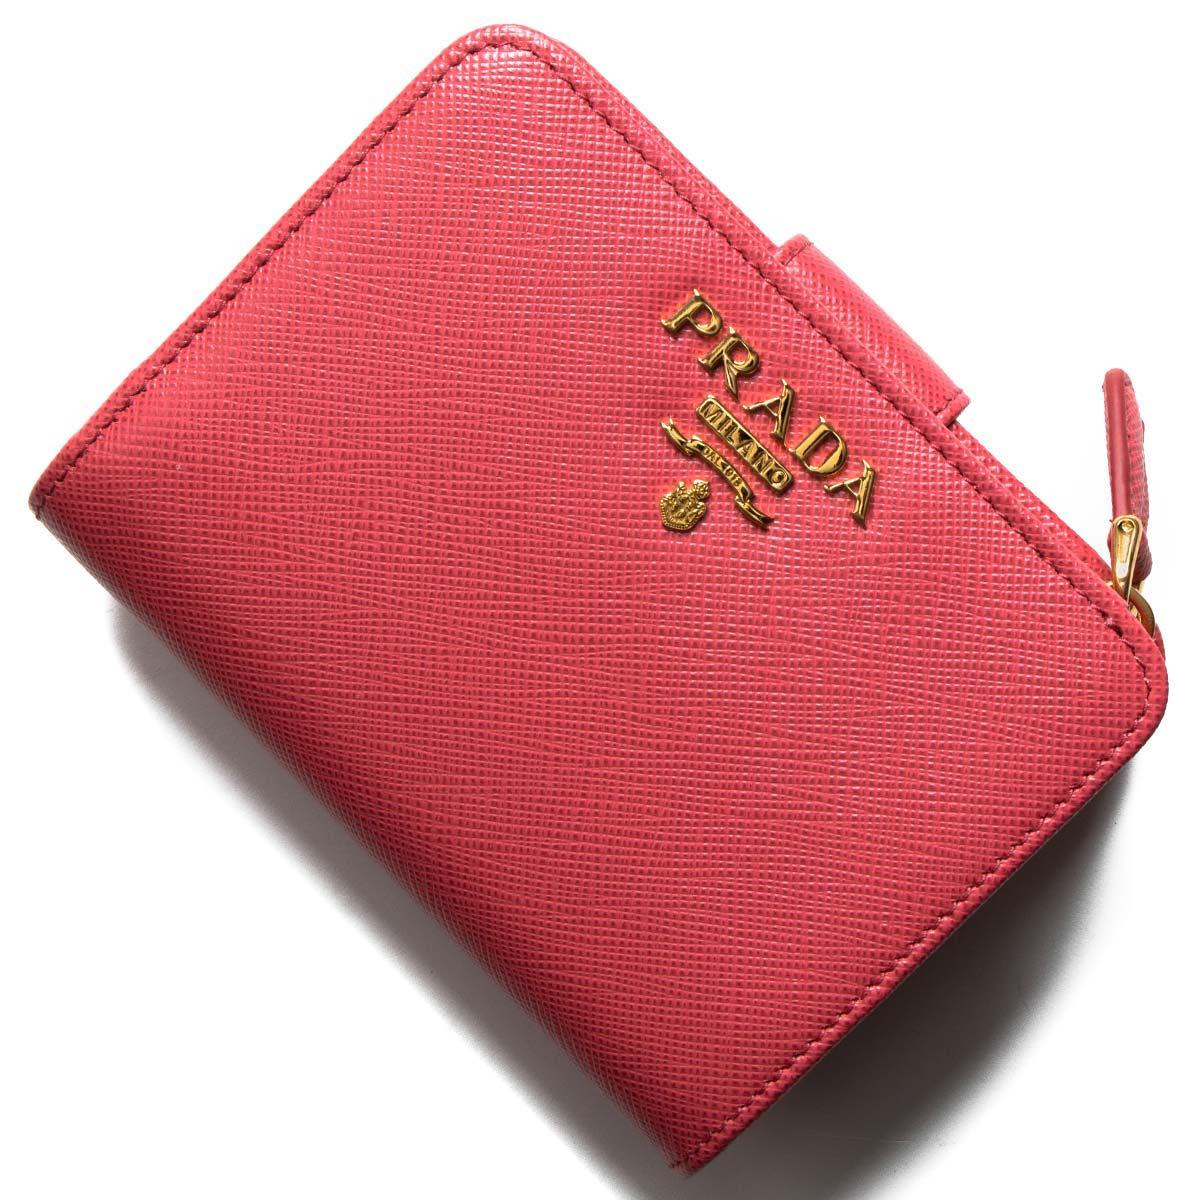 プラダ 二つ折り財布 財布 レディース サフィアーノ メタル ペオニアピンク 1ML018 QWA F0505 PRADA